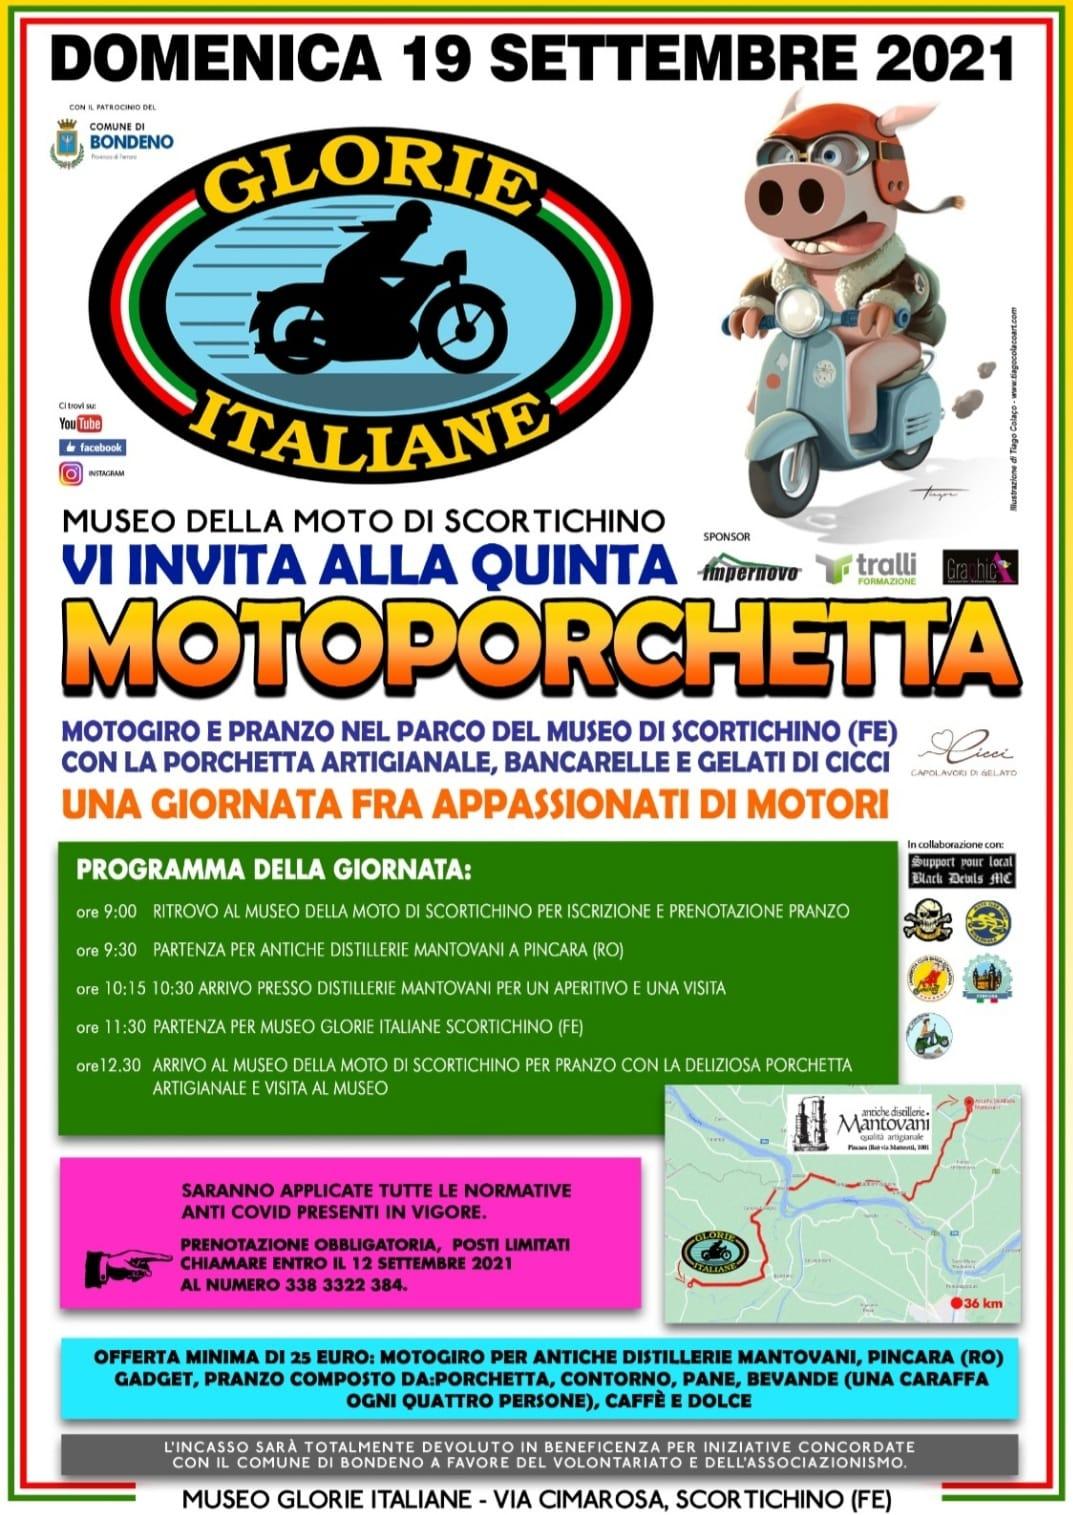 motoporchetta2021